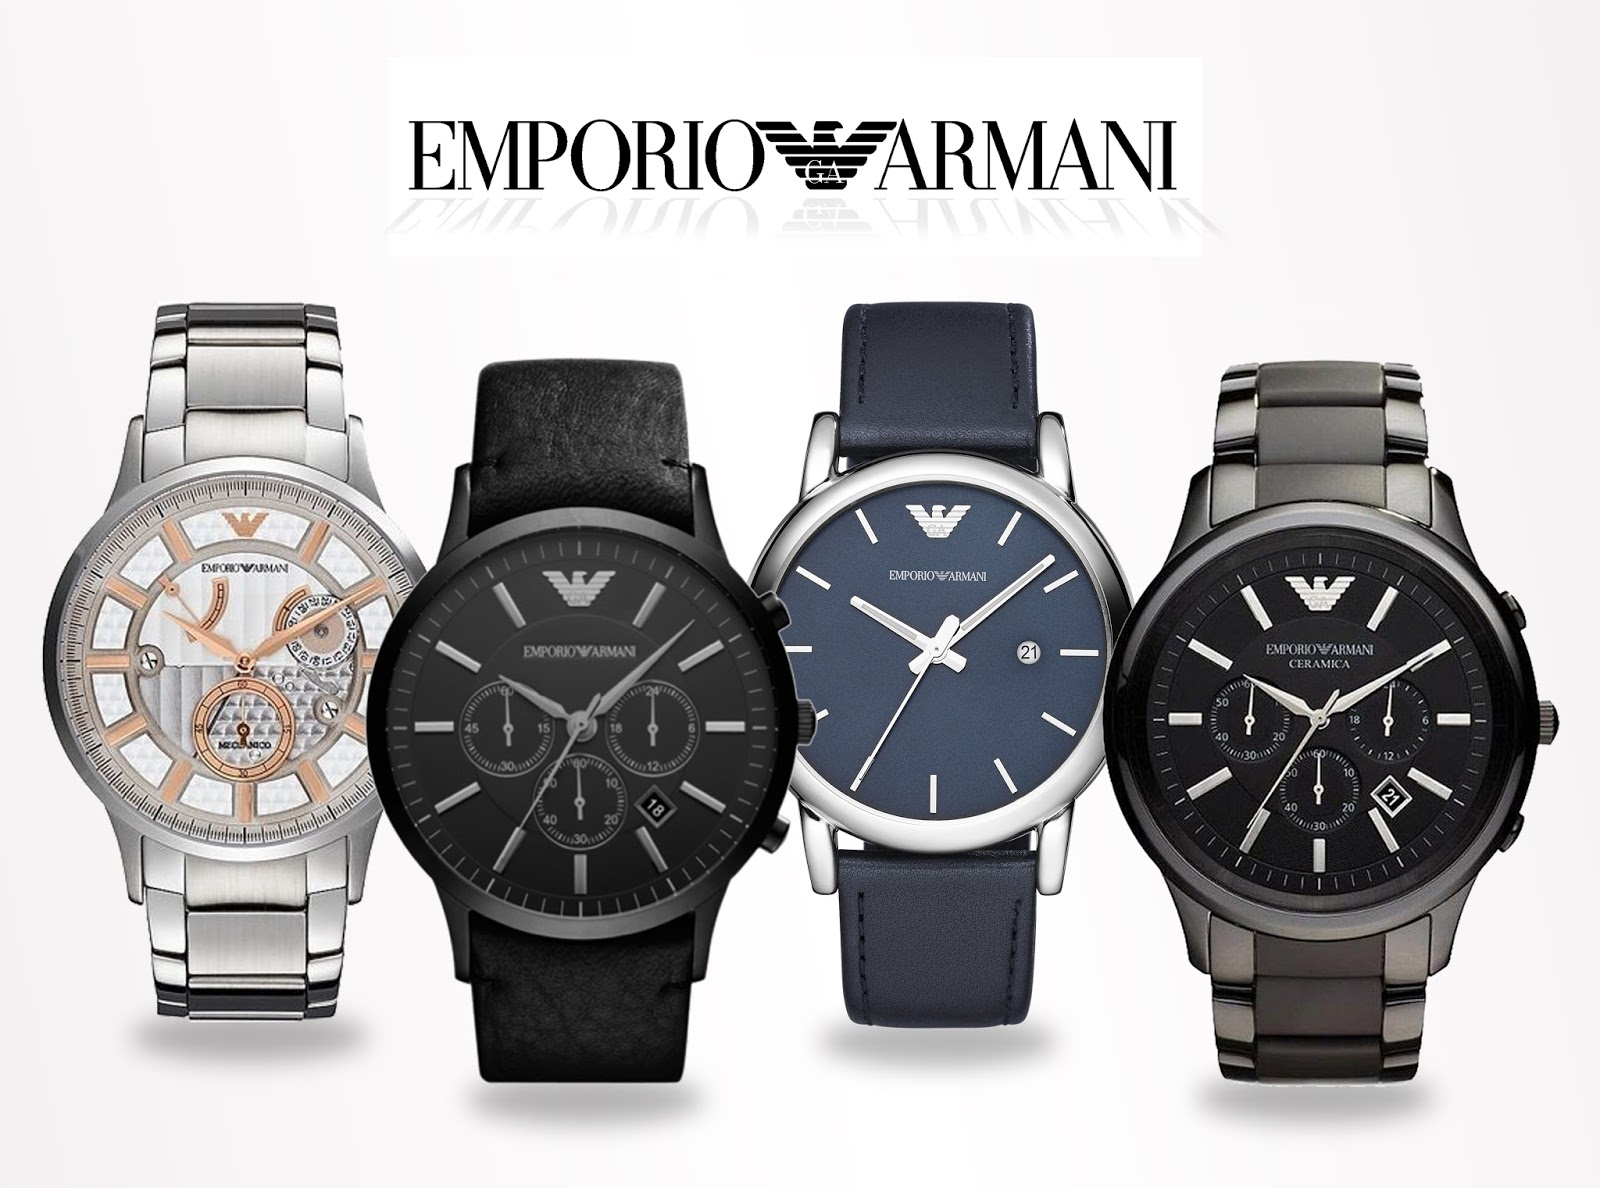 montres et plus devient dornier les nouvelles montres emporio armani pour homme sont arriv es. Black Bedroom Furniture Sets. Home Design Ideas